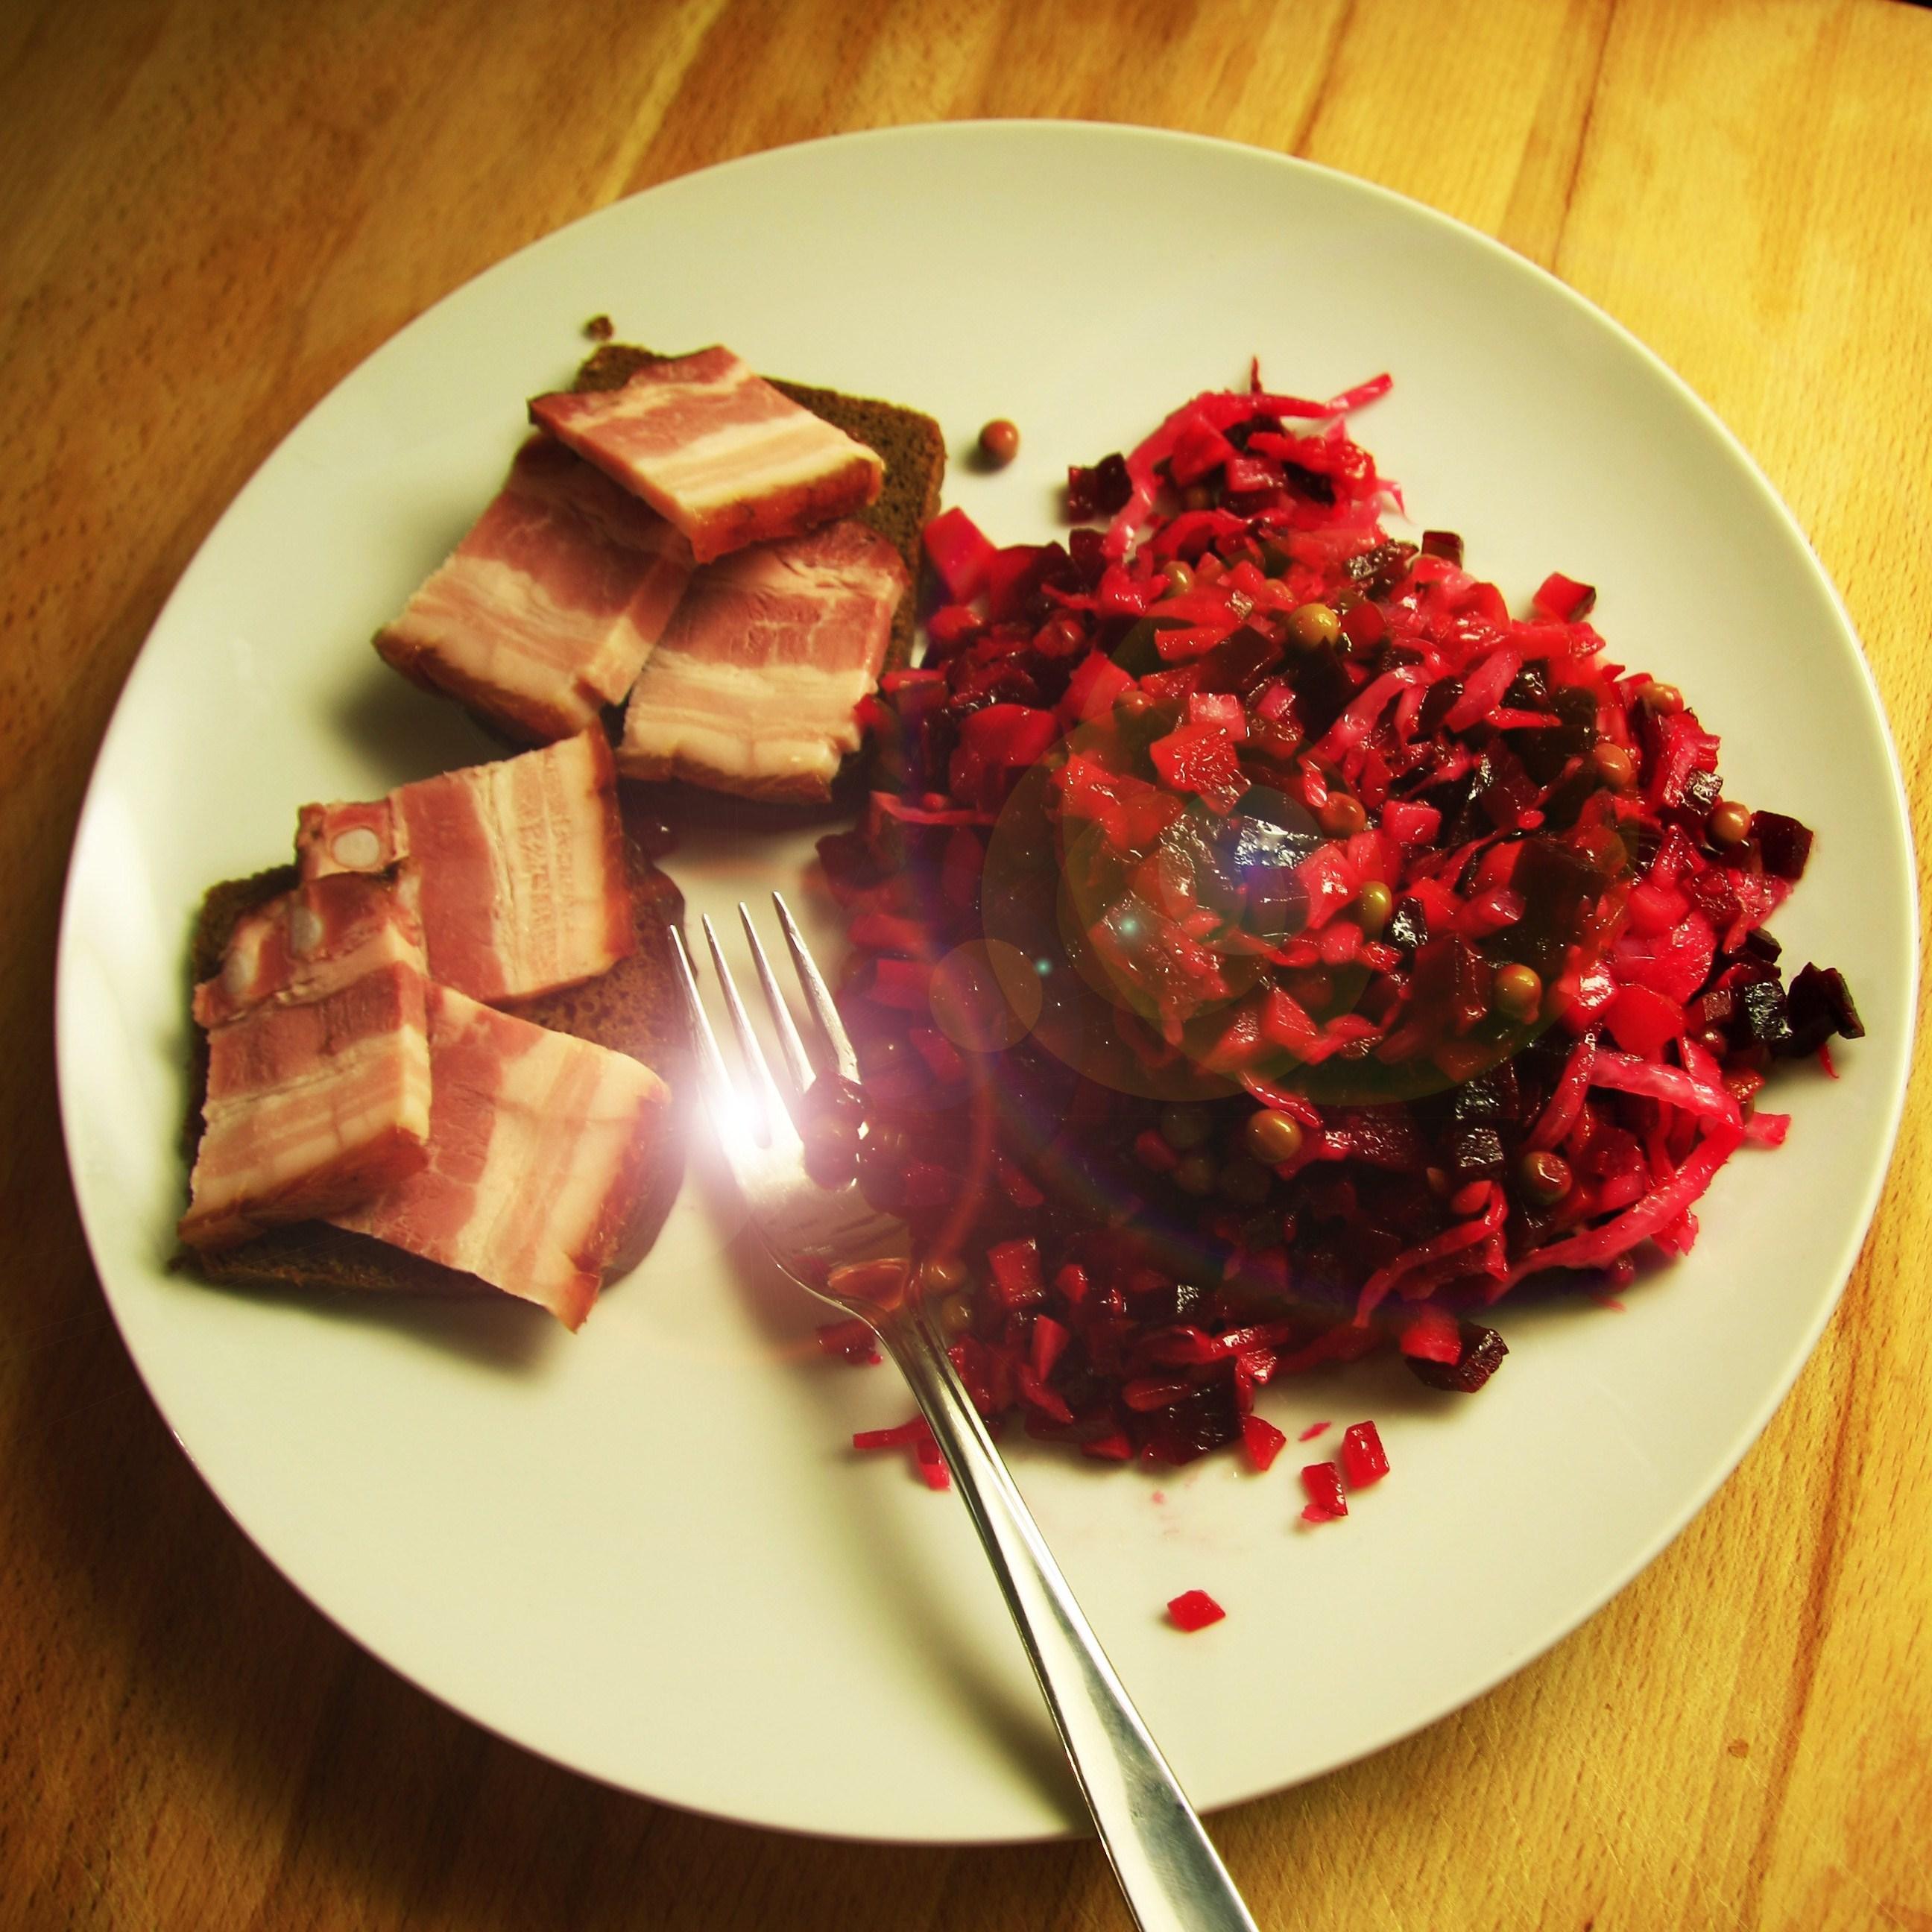 Винегрет: калорийность на 100 грамм с маслом и картошкой. Можно ли при похудении есть винегрет